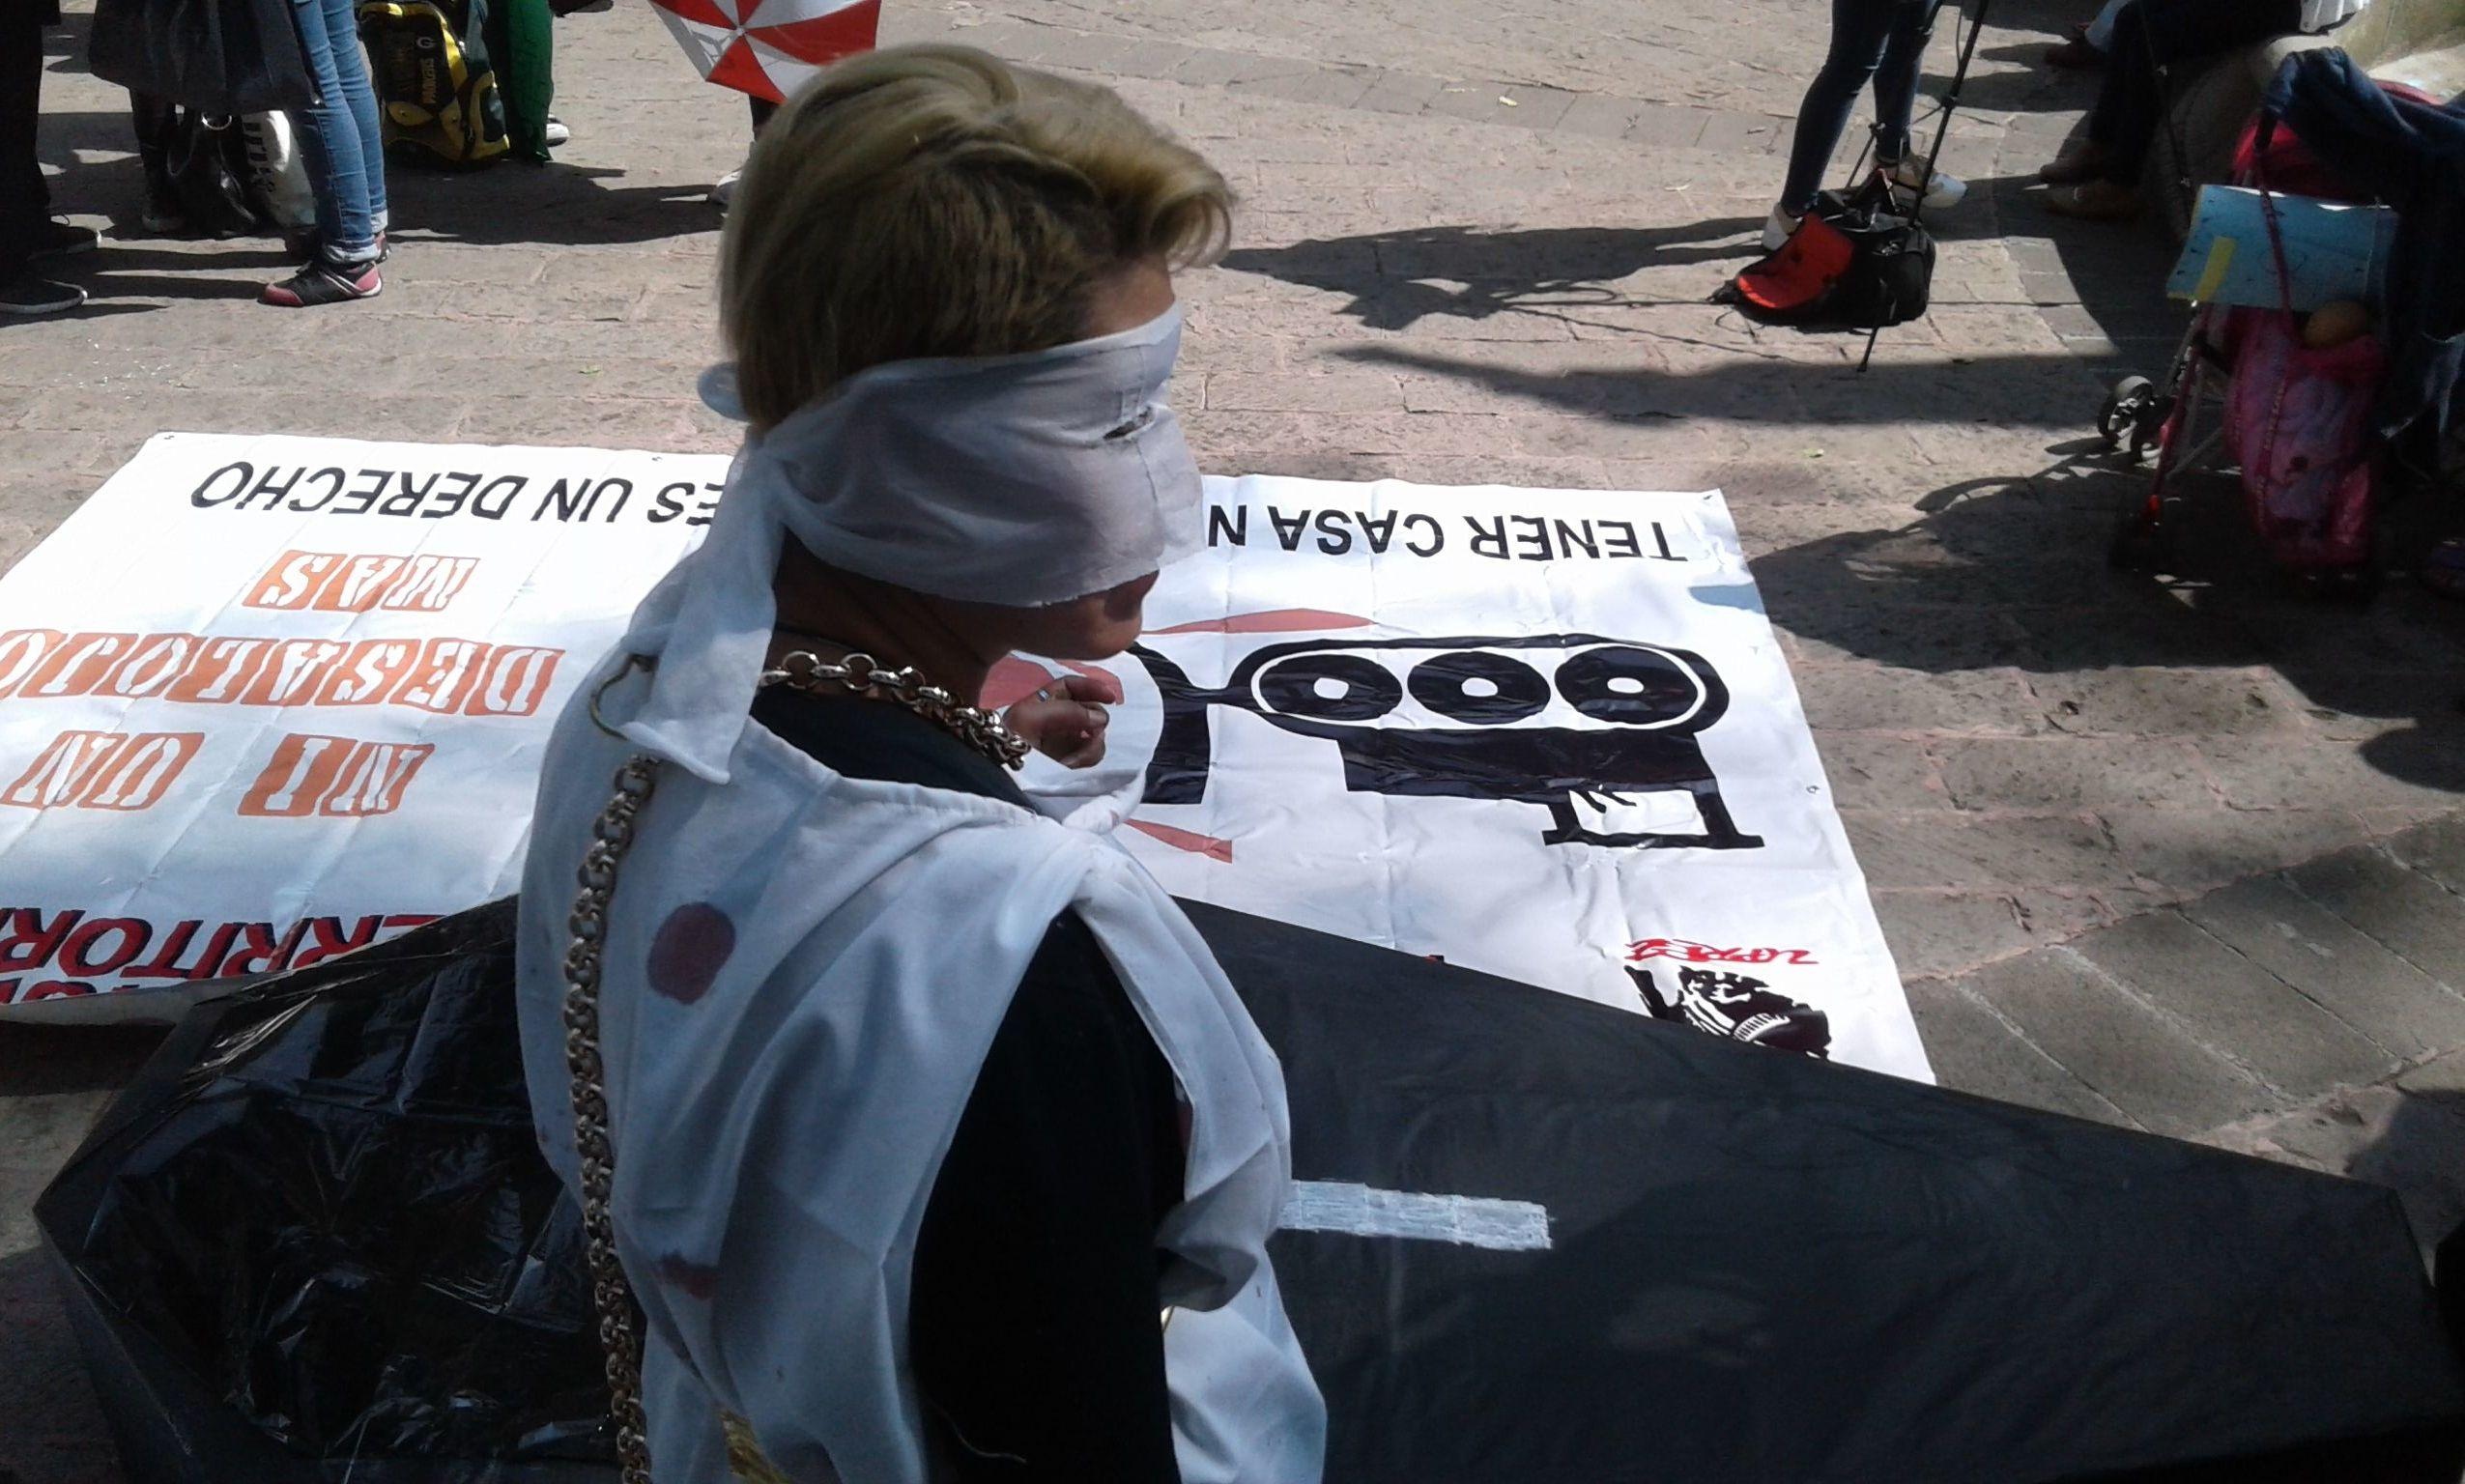 Representación de la justicia secuestrada por el capital inmobiliario durante la primera marcha contra la gentrificación de la ciudad de México